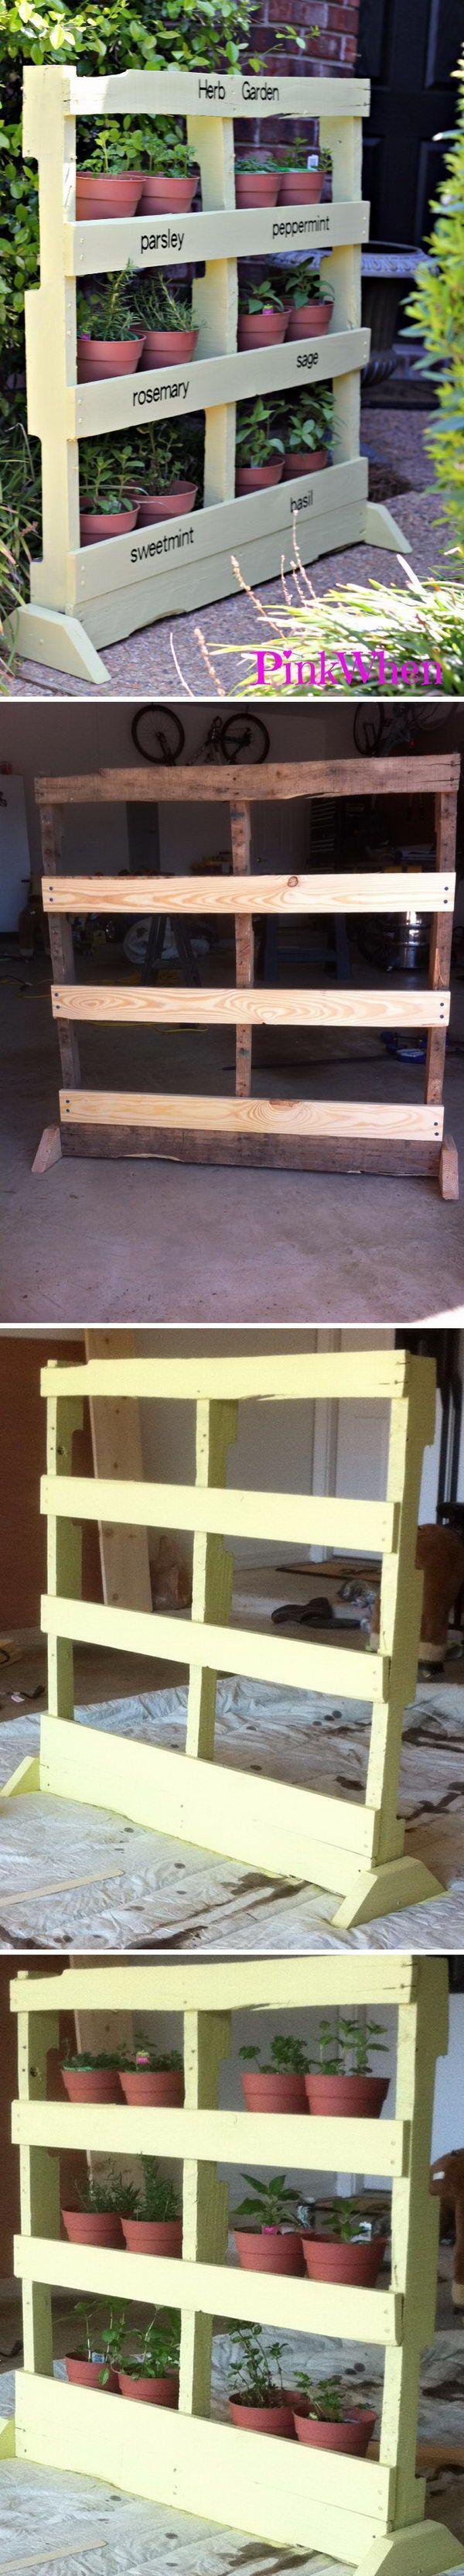 DIY Wood Pallet Herb Garden Someone build